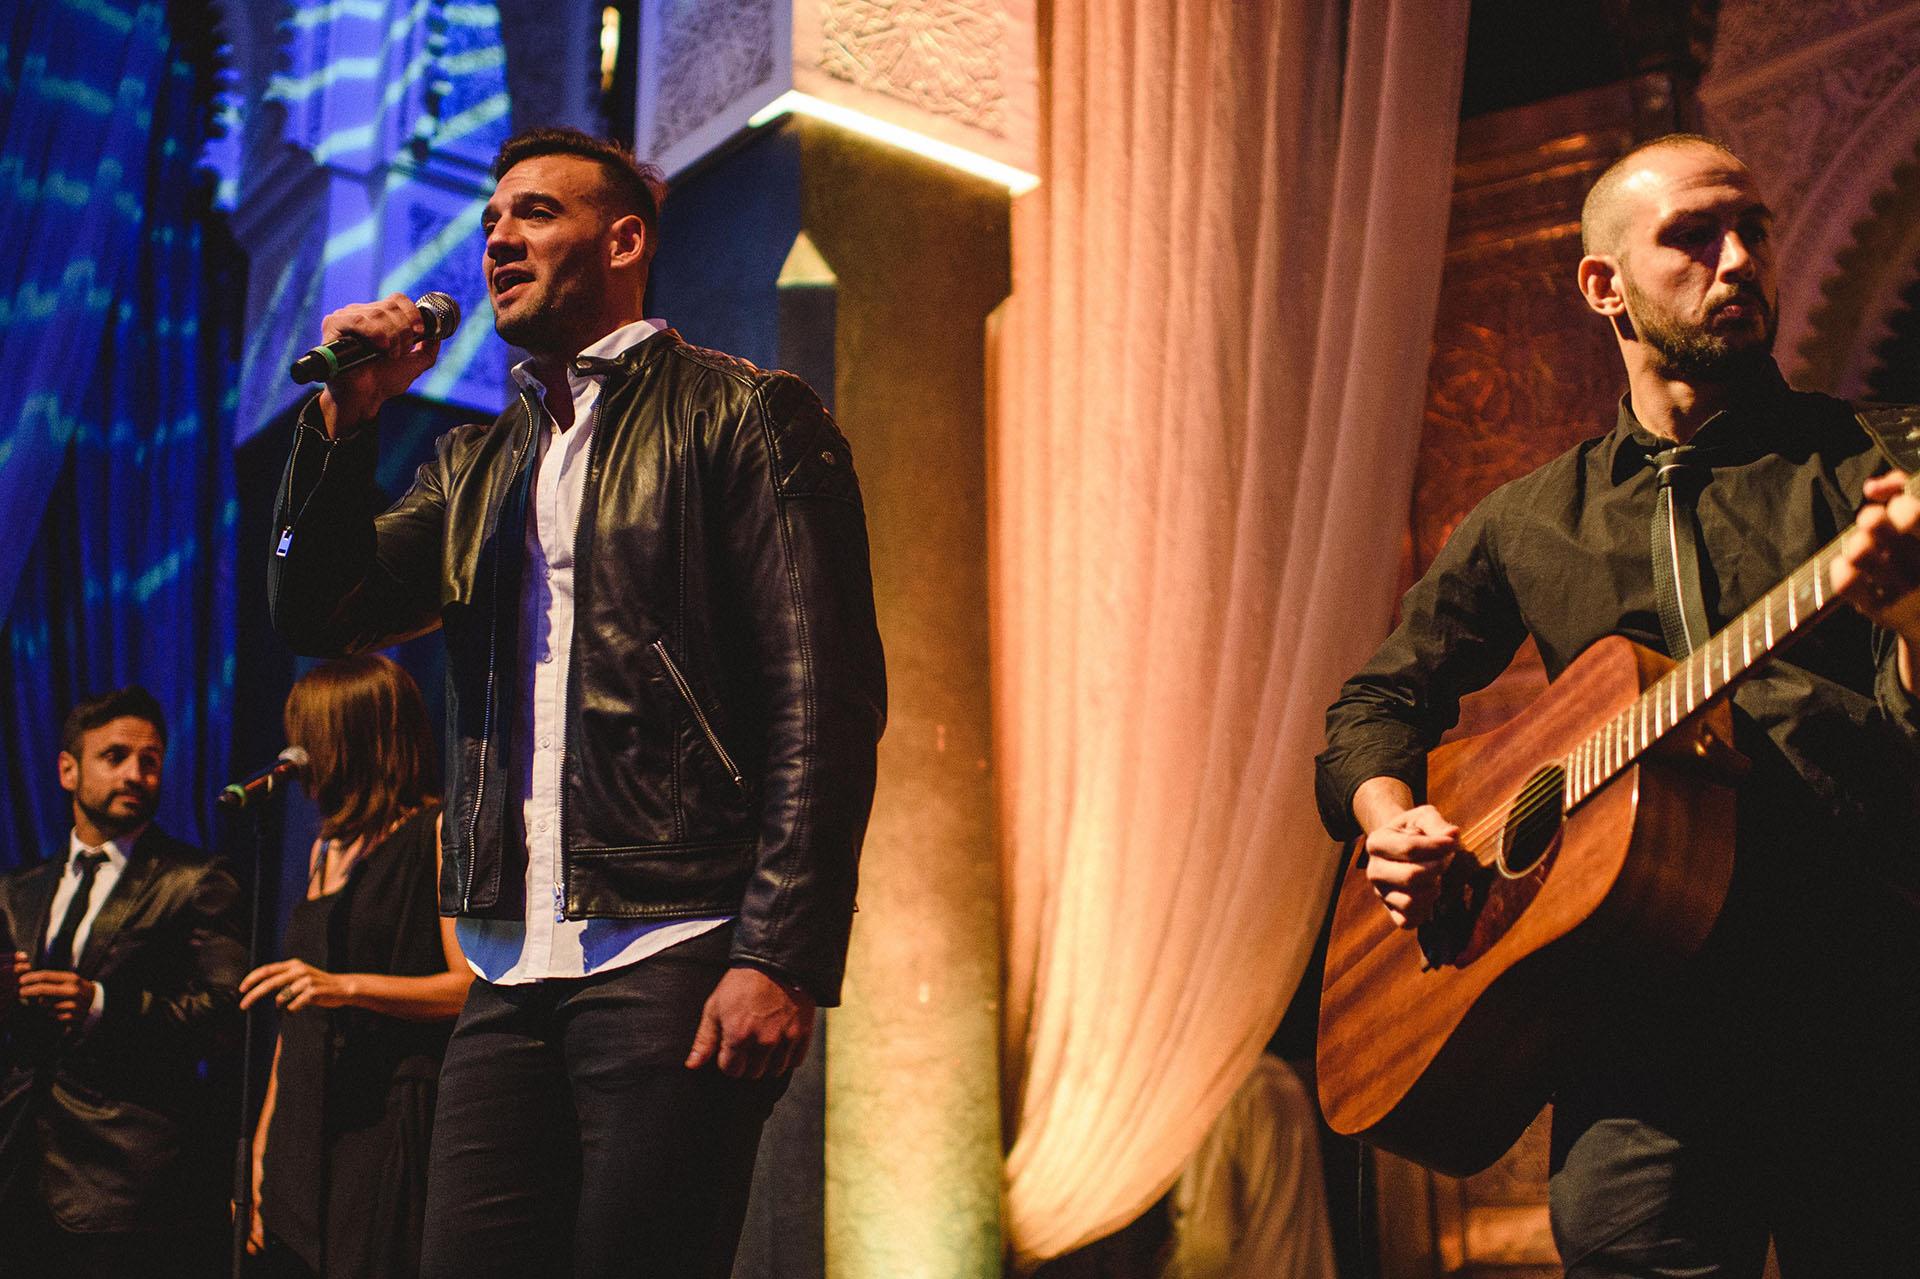 El cantante Marko Silva fue el primero de los artistas en presentarse. Lo siguieron Ricky Martin, la soprano Haydèe Dabusti y algunos de los intérpretes del musical Franciscus, cuyo guión original es de Roemmers